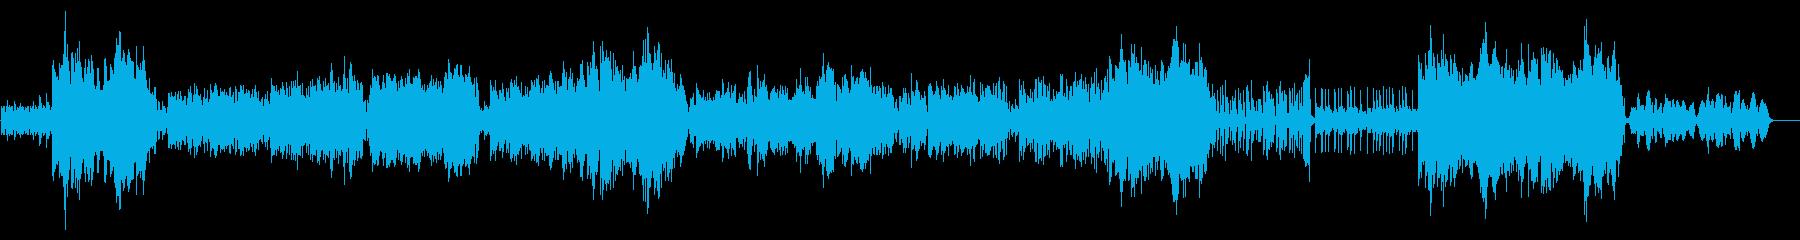 サンバ調の、明るくて楽しいクリスマス曲の再生済みの波形